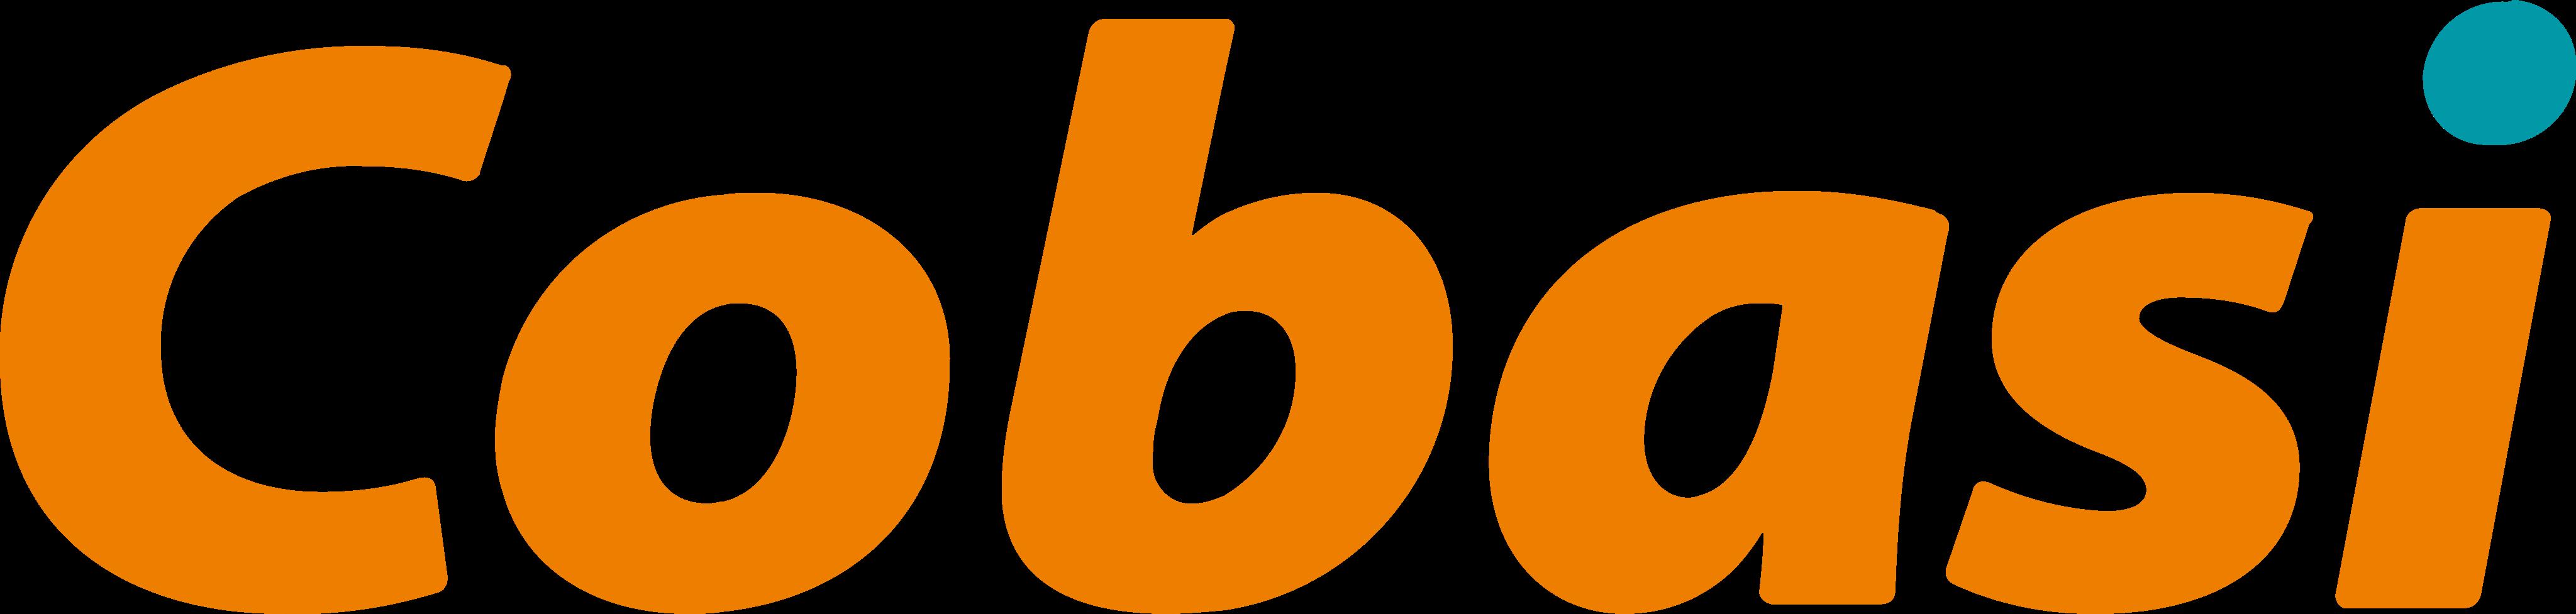 Cobasi Logo.